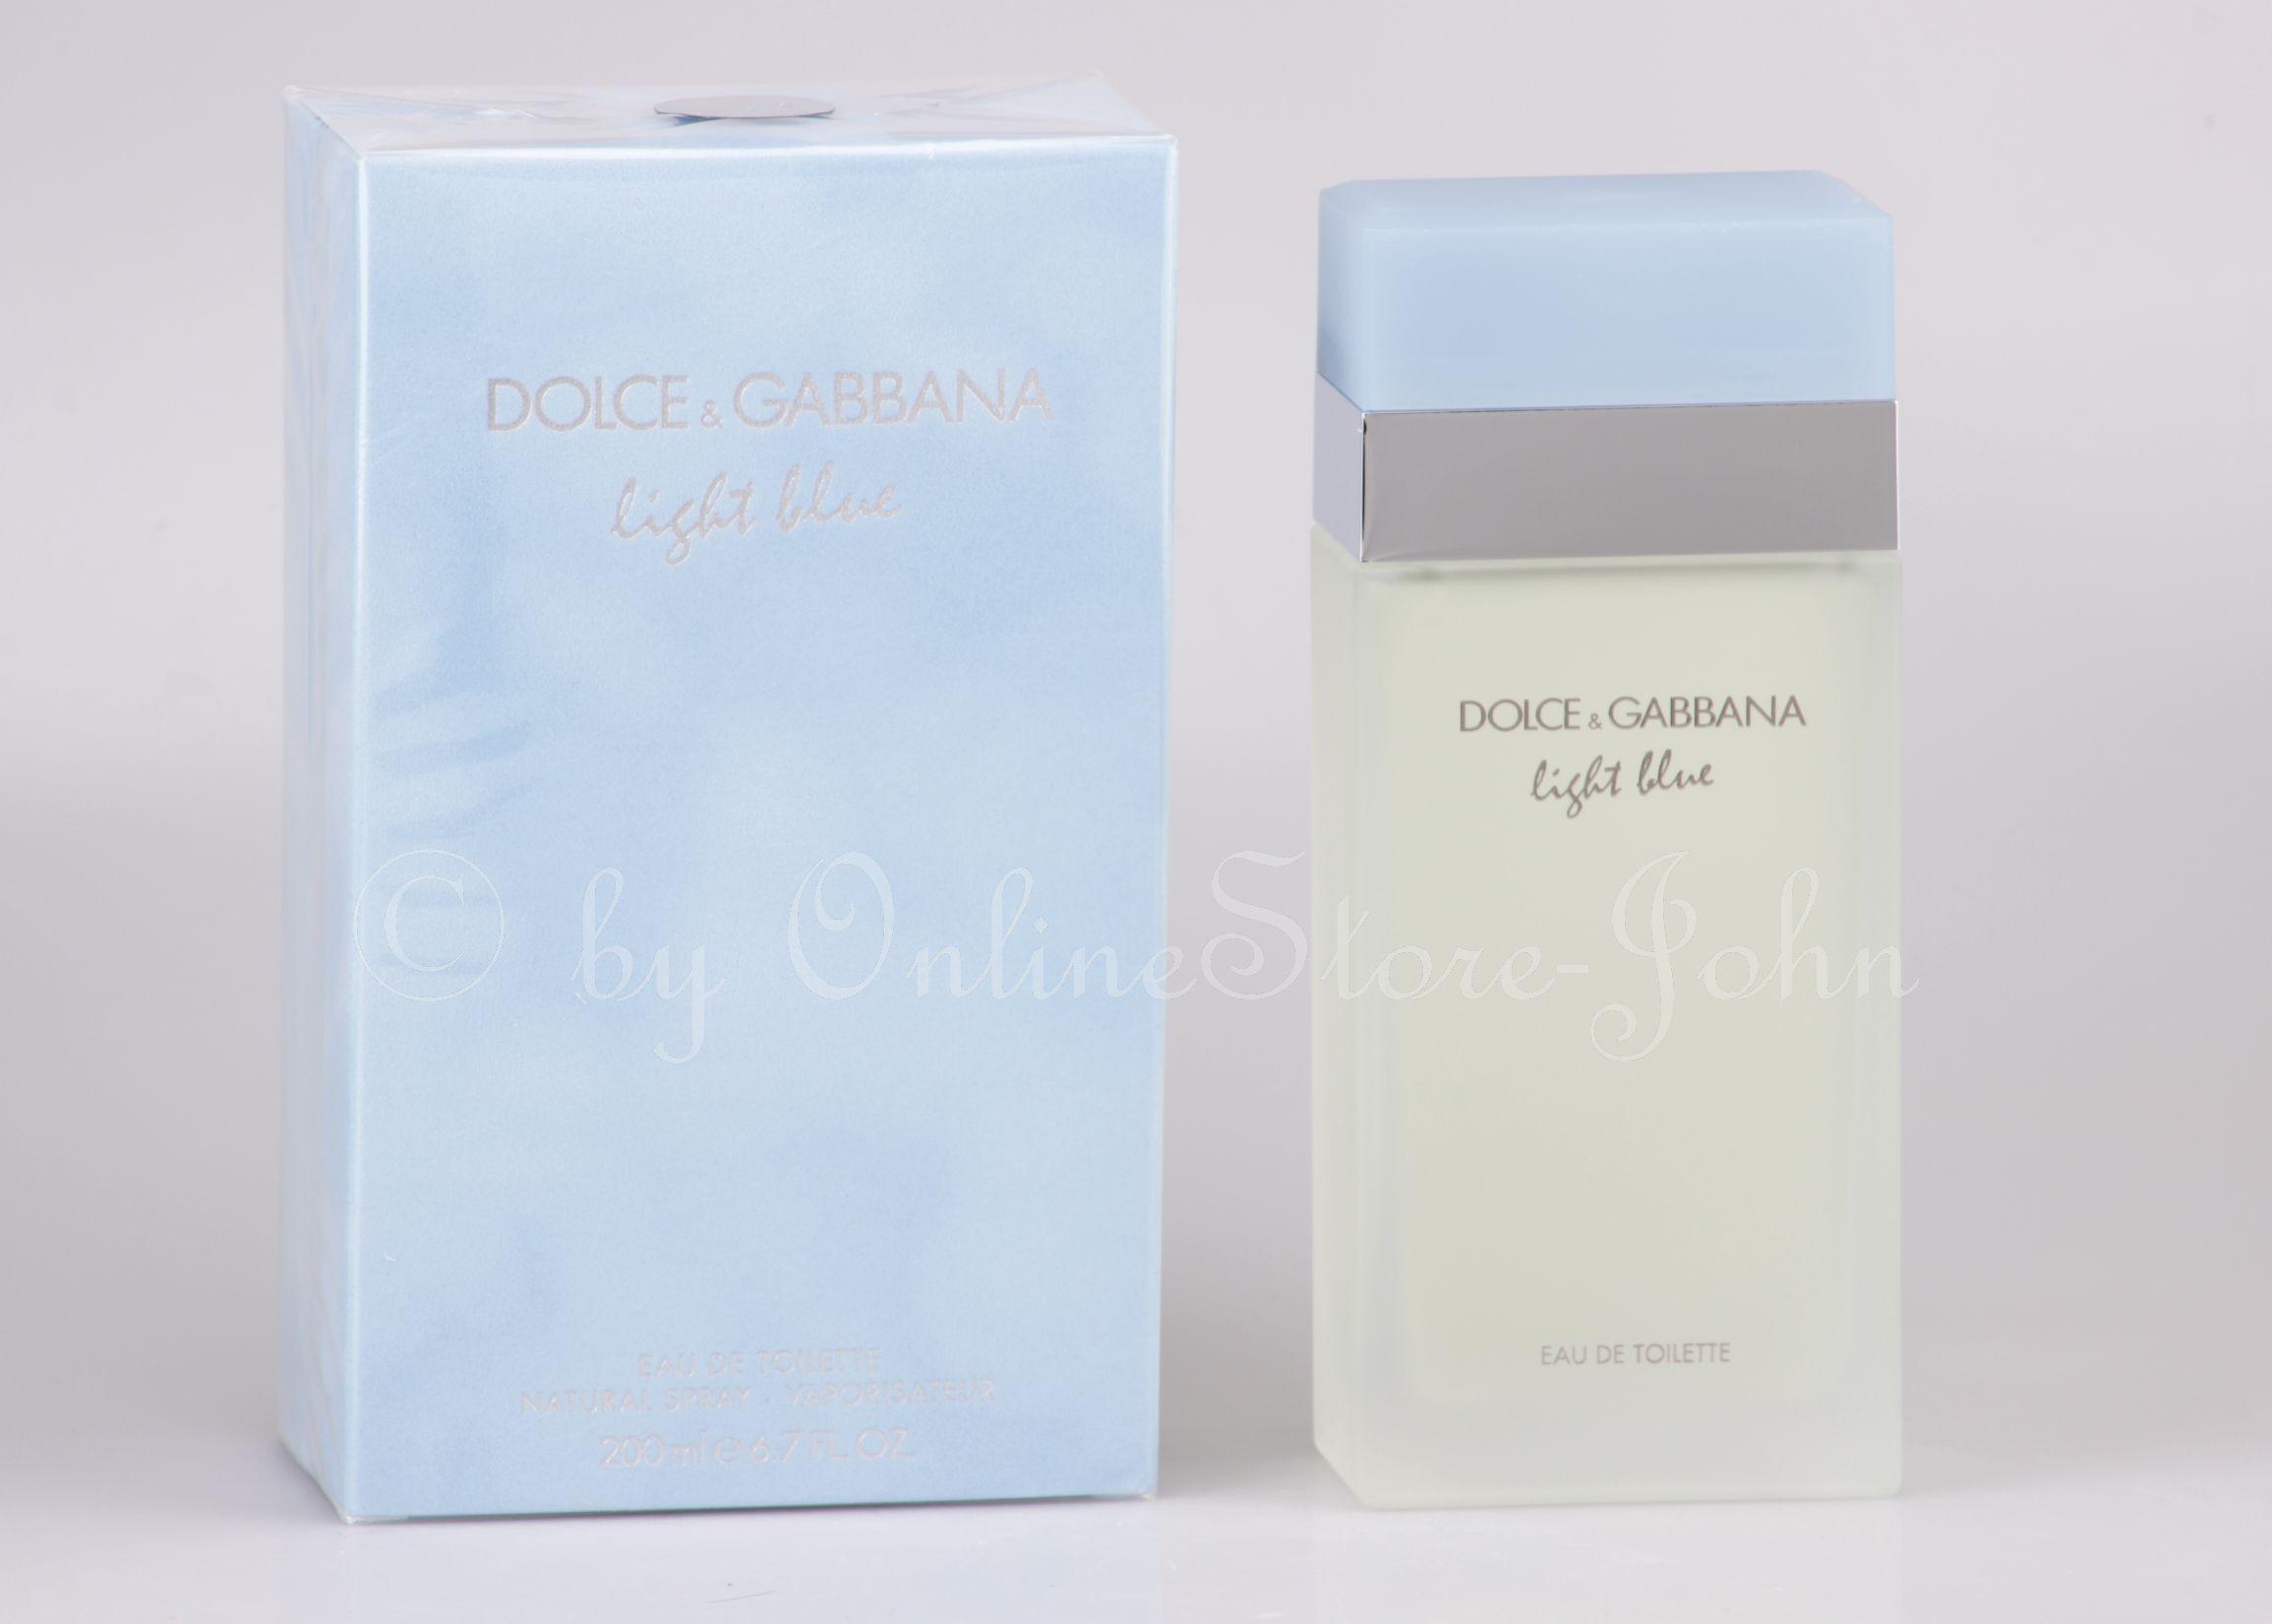 13f6bc45e4c9 Dolce   Gabbana - Light Blue pour Femme - 200ml EDT Eau de Toilette